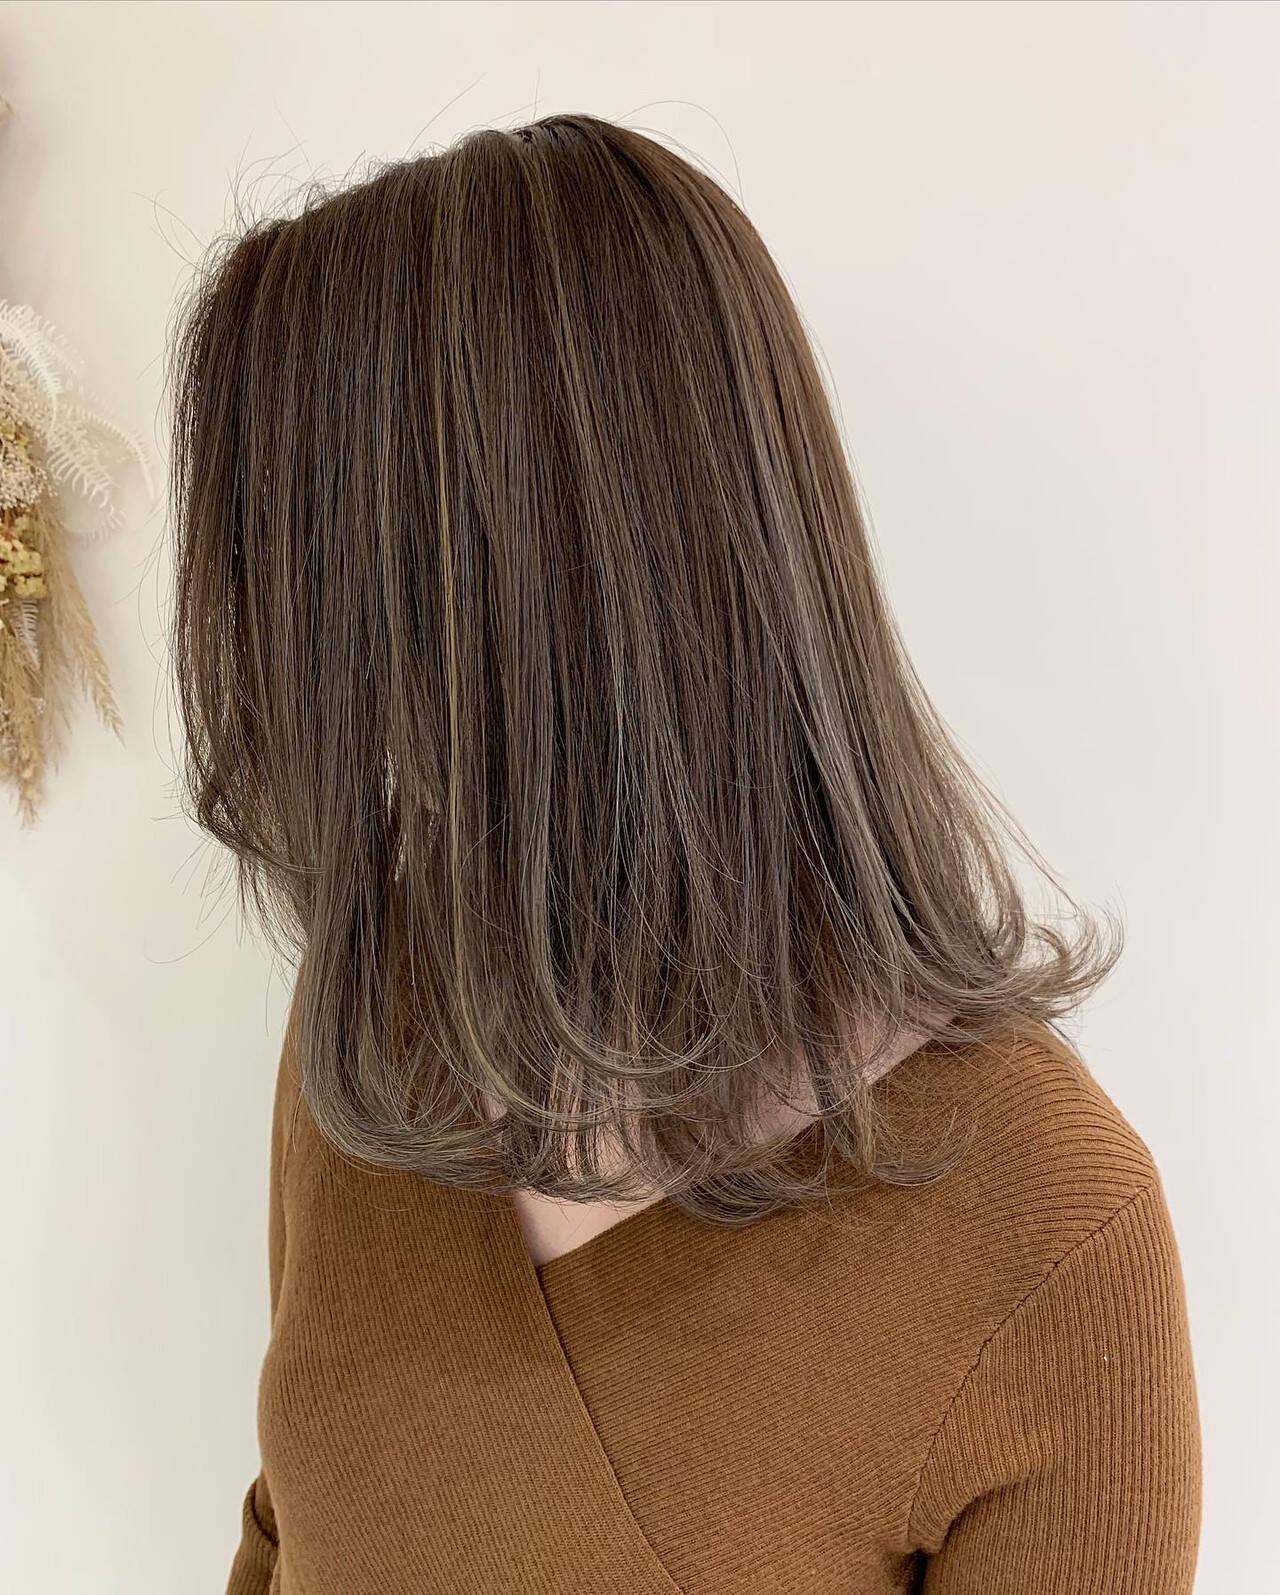 大人ハイライト ナチュラル コントラストハイライト ハイライトヘアスタイルや髪型の写真・画像